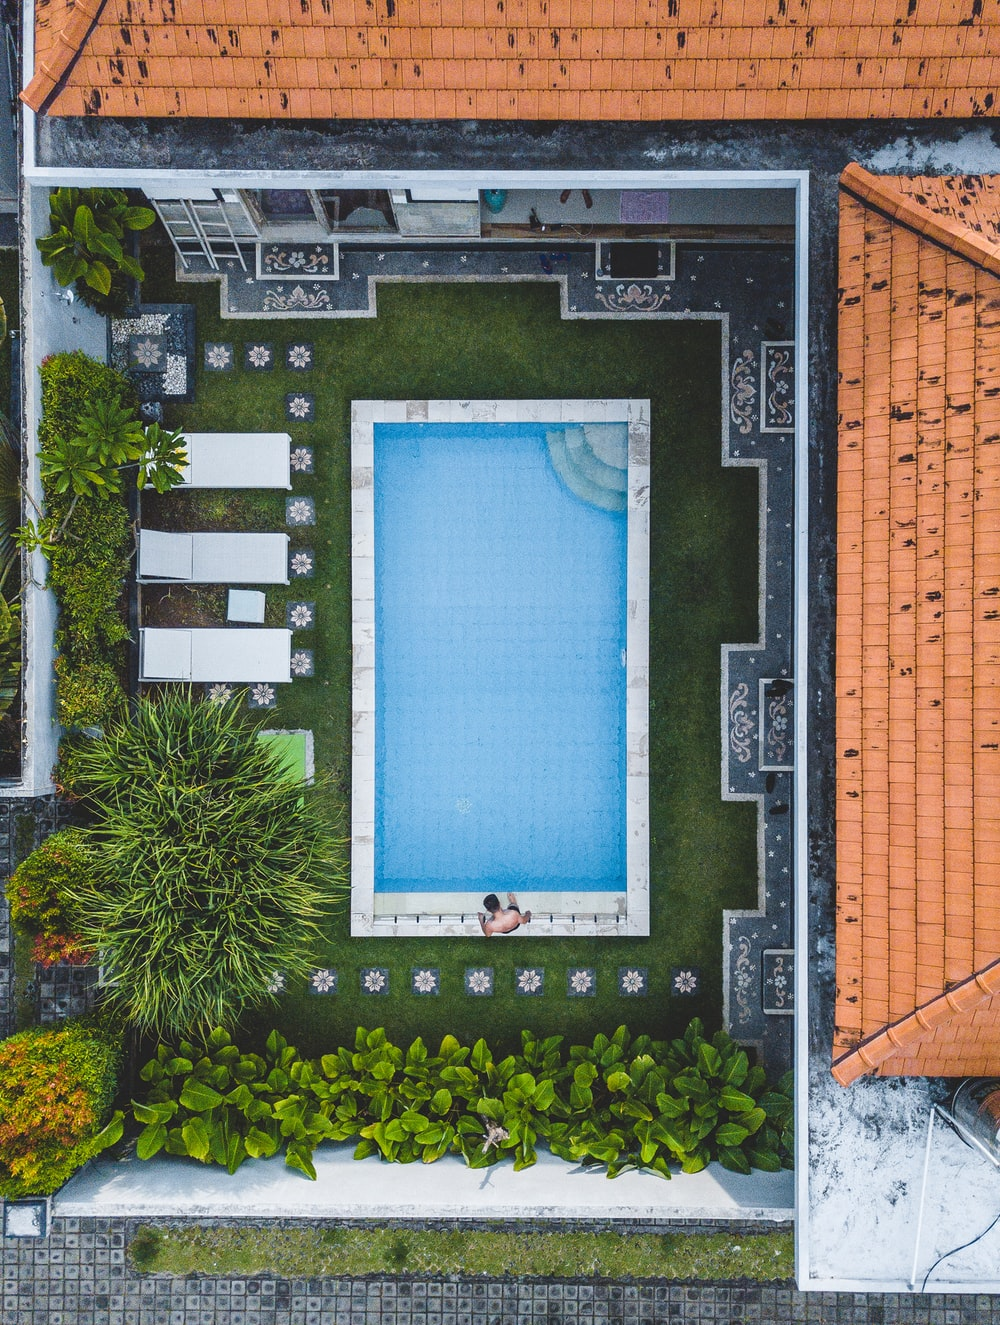 man standing beside pool